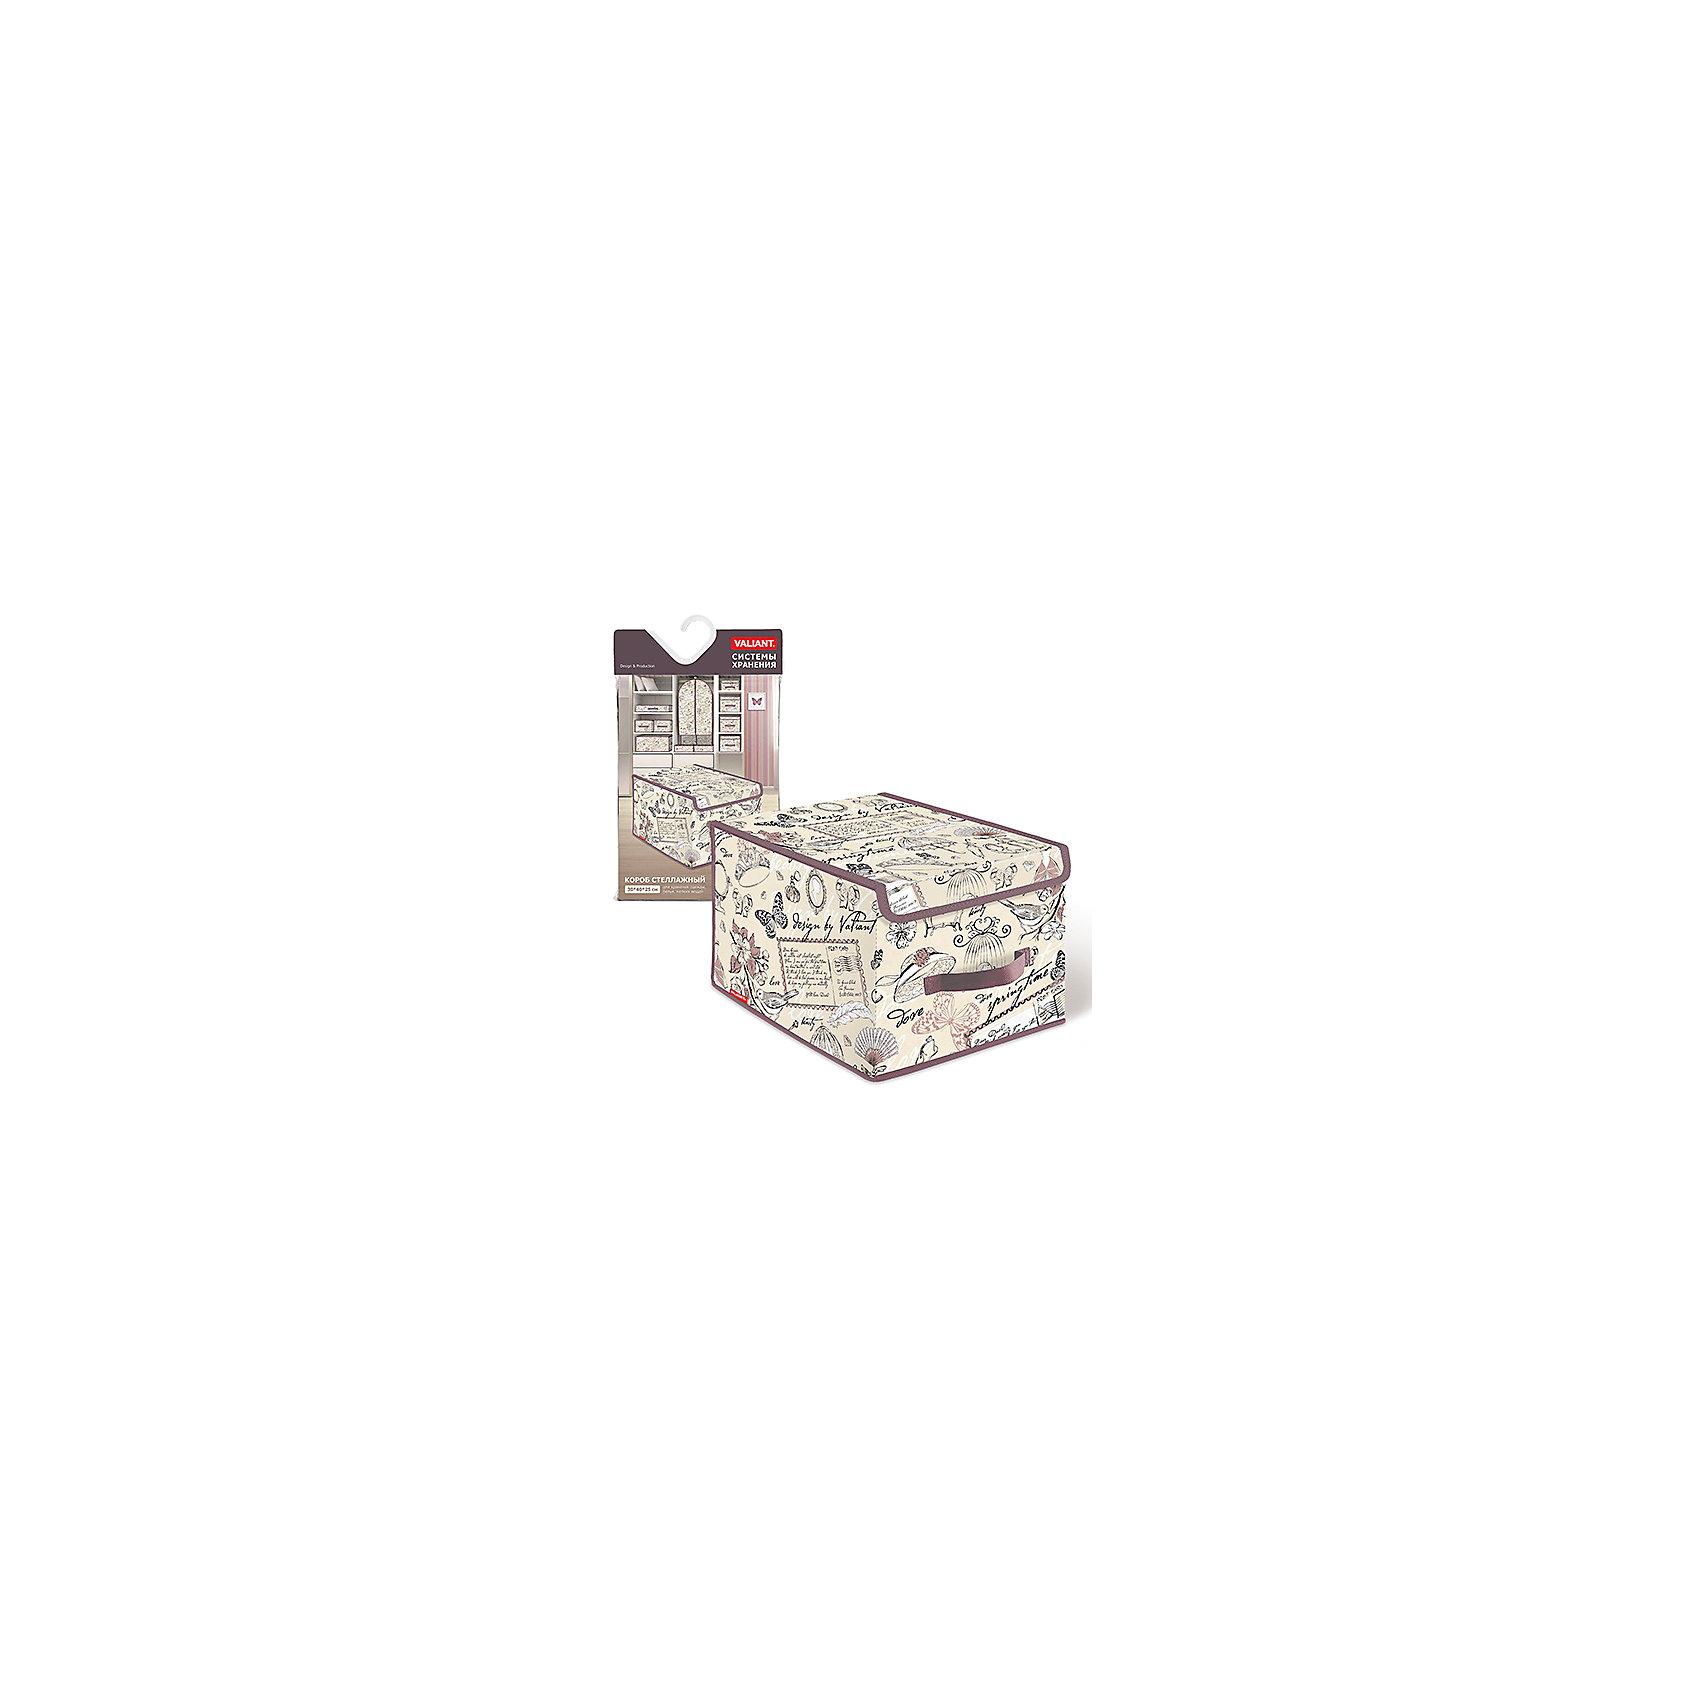 Короб стеллажный с крышкой, большой, 30*40*25 см, ROMANTIC, ValiantПорядок в детской<br>Короб стеллажный с крышкой, большой, 30*40*25 см, ROMANTIC, Valiant (Валиант) – это идеальное решение для хранения вещей.<br>Стеллажный короб ROMANTIC от Valiant (Валиант) для хранения одежды, белья и аксессуаров поможет организовать пространство на полках, избавит от беспорядка и спрячет вещи от посторонних глаз. Он изготовлен из высококачественного нетканого материала, который обеспечивает естественную вентиляцию, позволяя воздуху проникать внутрь, но не пропускает пыль. Вставки из плотного картона хорошо держат форму. Крышка короба фиксируется с помощью специальных магнитов. Наличие ручки позволяет удобно размещать короб на полке. Изделие отличается мобильностью: легко раскладывается и складывается. Короб ROMANTIC оформлен оригинальным нежным, изящным рисунком, который гармонично смотрится в женском гардеробе. Стеллажный короб ROMANTIC от Valiant (Валиант) создаст трогательную атмосферу романтического настроения и станет незаменимым аксессуаром.<br><br>Дополнительная информация:<br><br>- Размер: 30х40х25 см.<br>- Материал: нетканый материал, картон<br>- Цвет: пепельно-розовый, сиреневый<br><br>Короб стеллажный с крышкой, большой, 30*40*25 см, ROMANTIC, Valiant (Валиант) можно купить в нашем интернет-магазине.<br><br>Ширина мм: 300<br>Глубина мм: 25<br>Высота мм: 500<br>Вес г: 722<br>Возраст от месяцев: 36<br>Возраст до месяцев: 1080<br>Пол: Унисекс<br>Возраст: Детский<br>SKU: 4993460